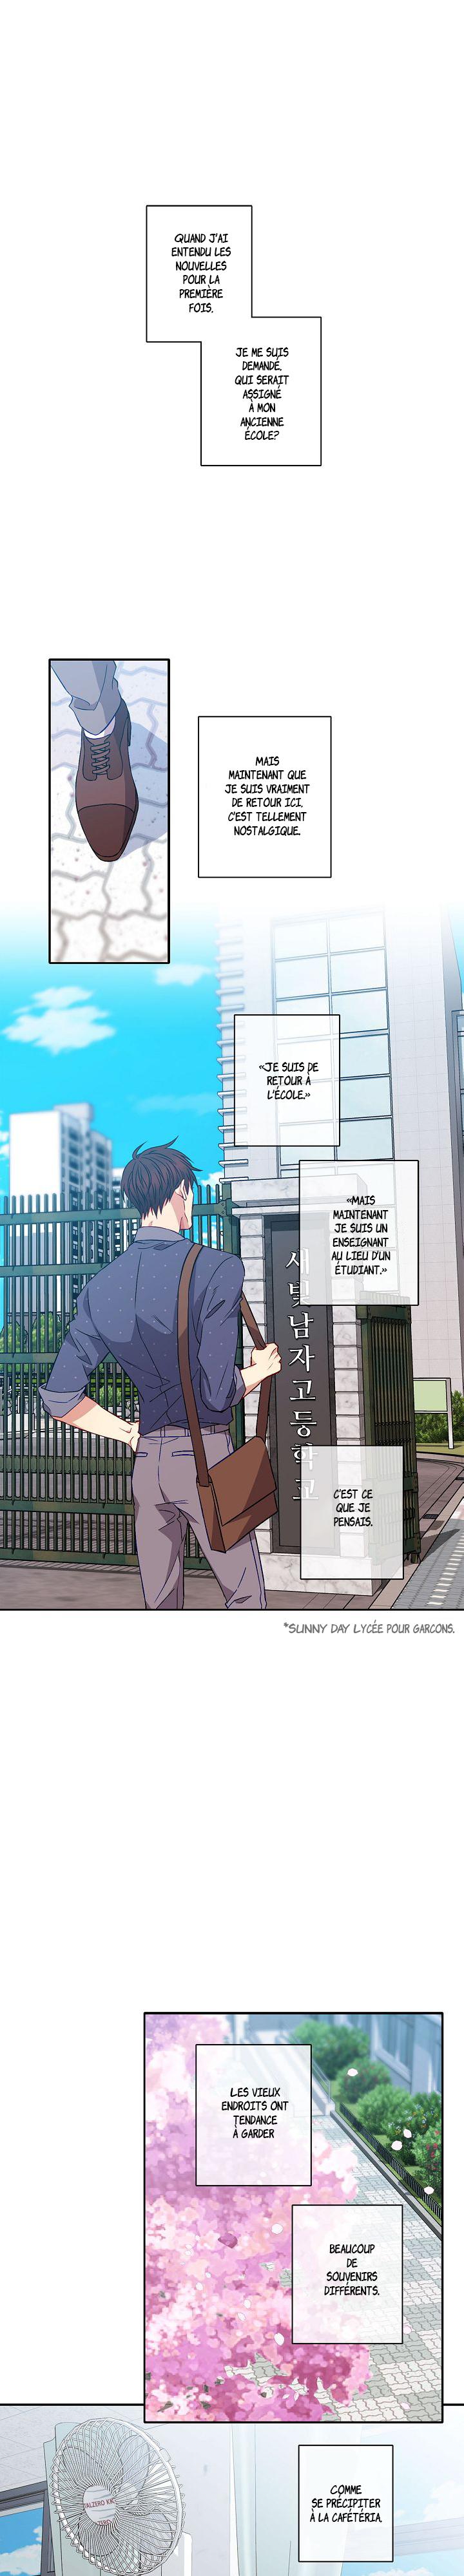 https://nine.mangadogs.com/fr_manga/pic2/3/7619/243414/e909590a576ab88ba317ef9d09876da8.jpg Page 1